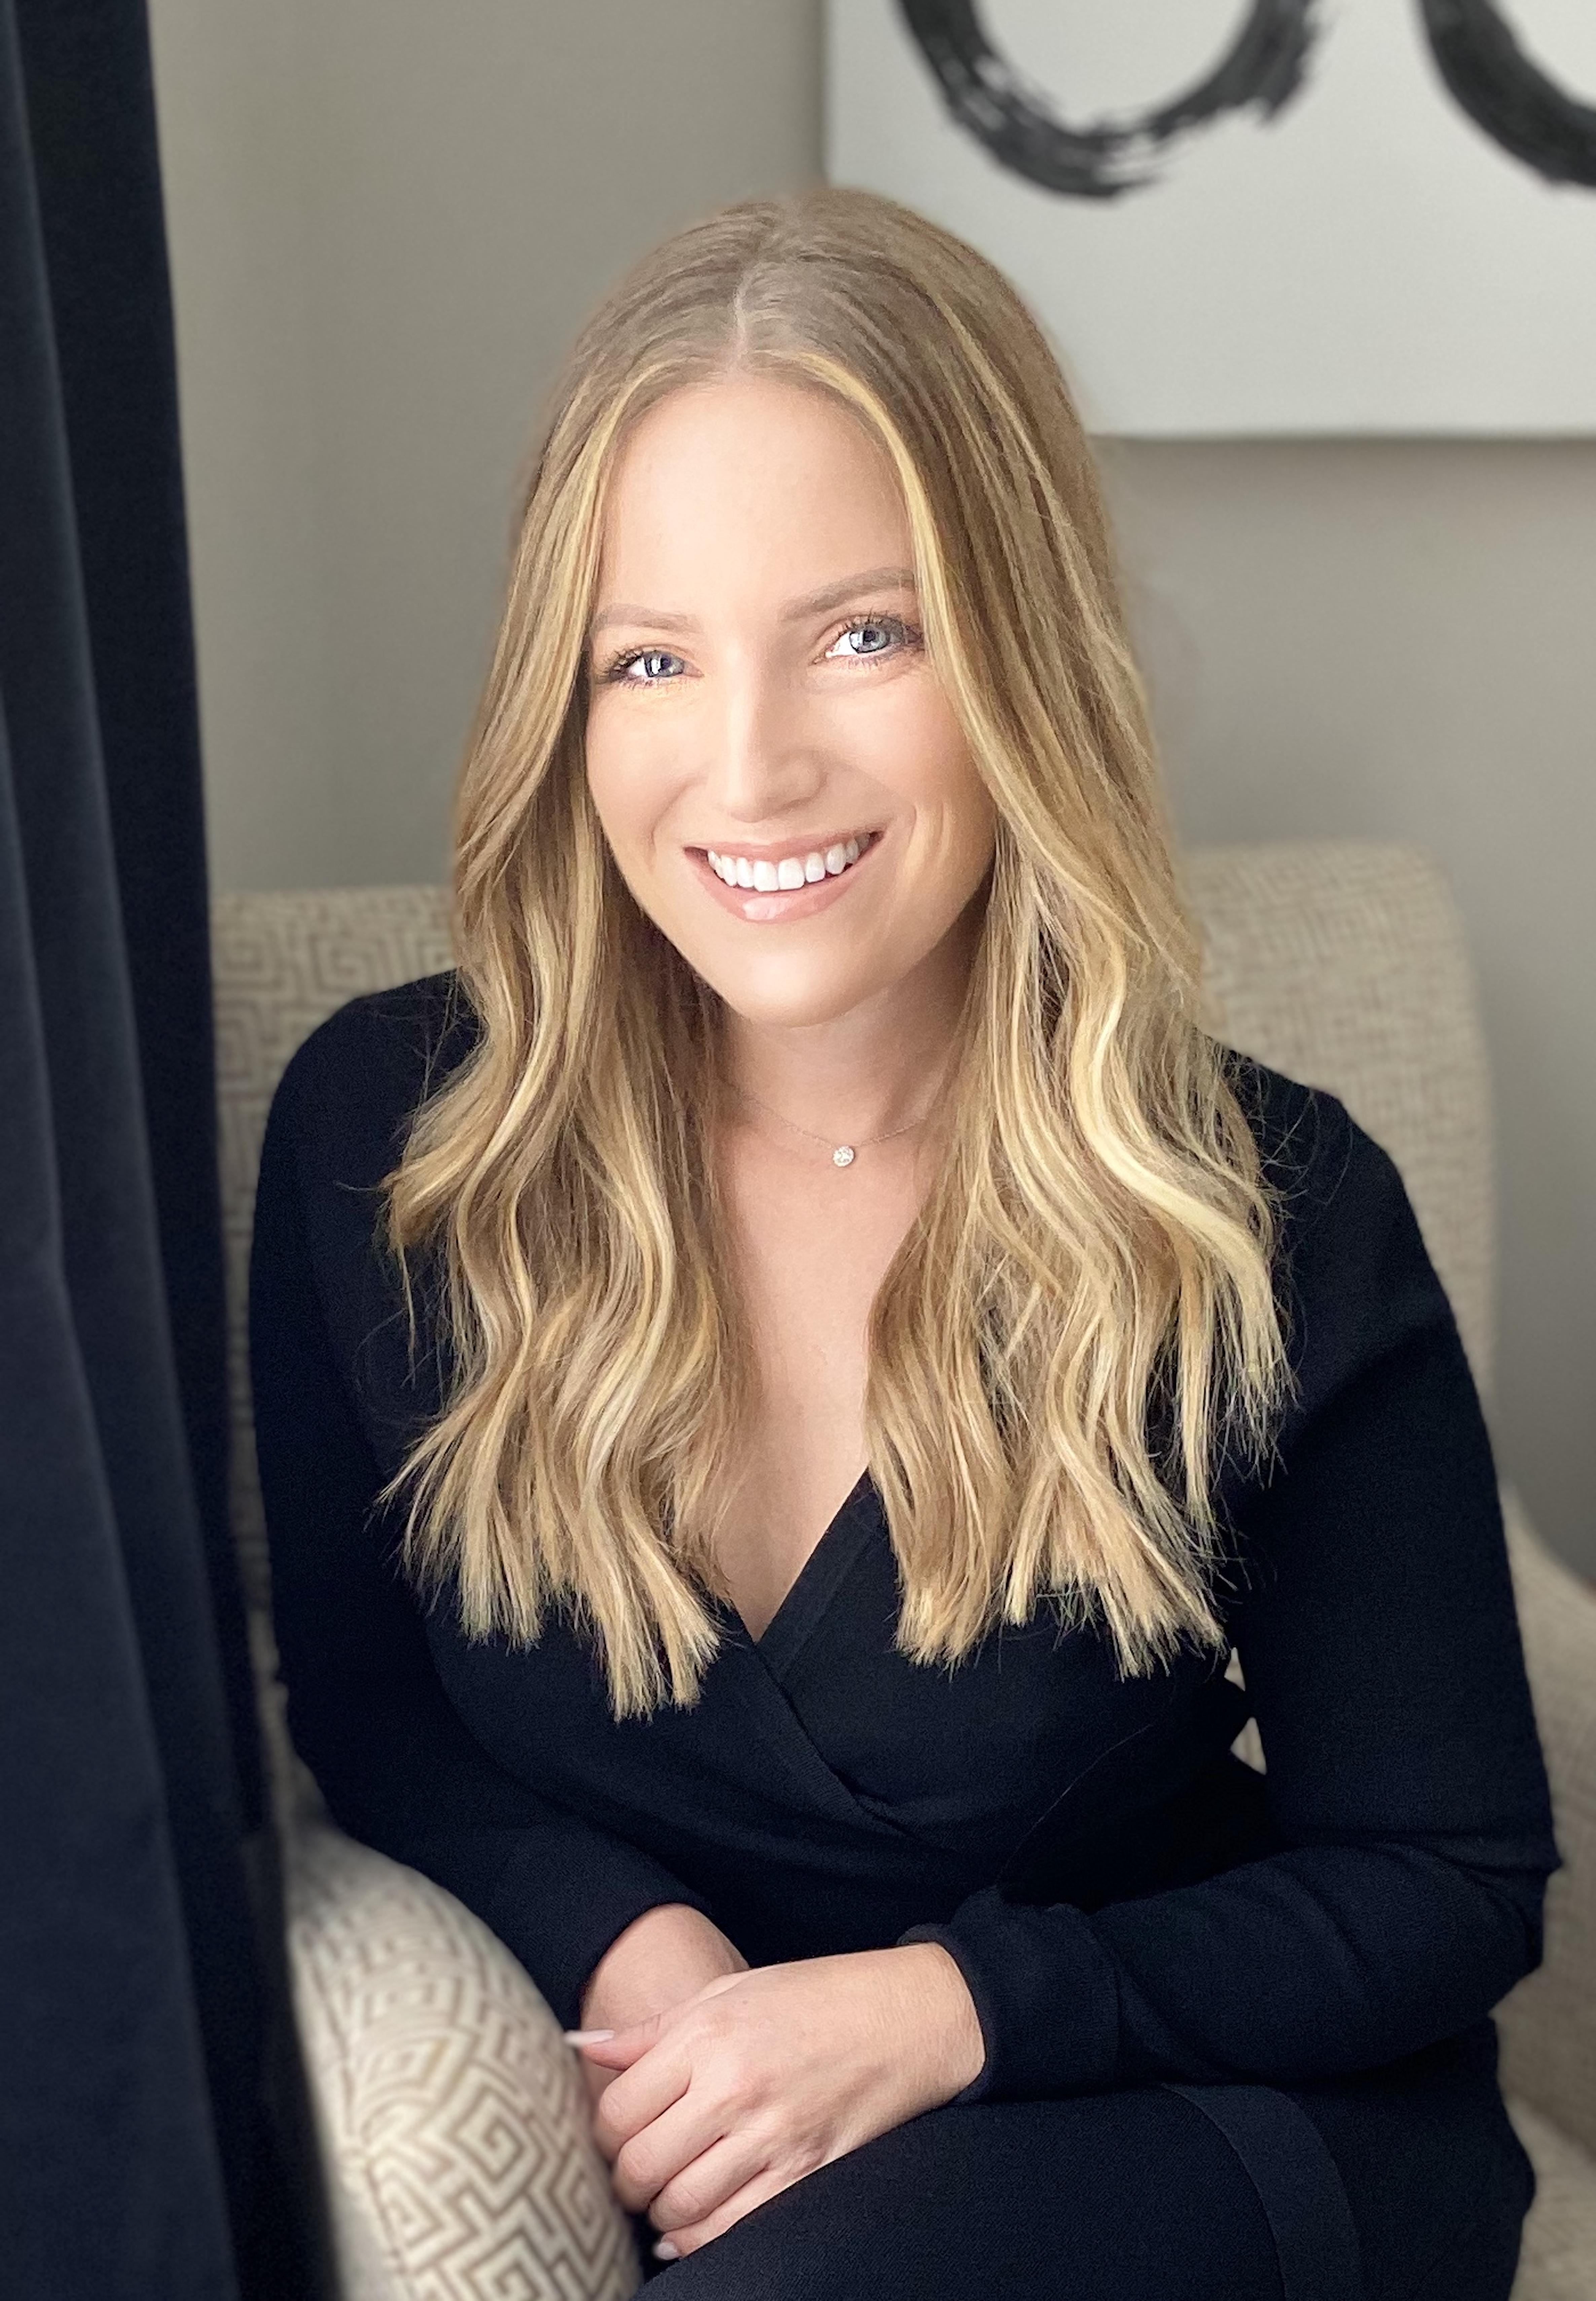 Lauren Huber